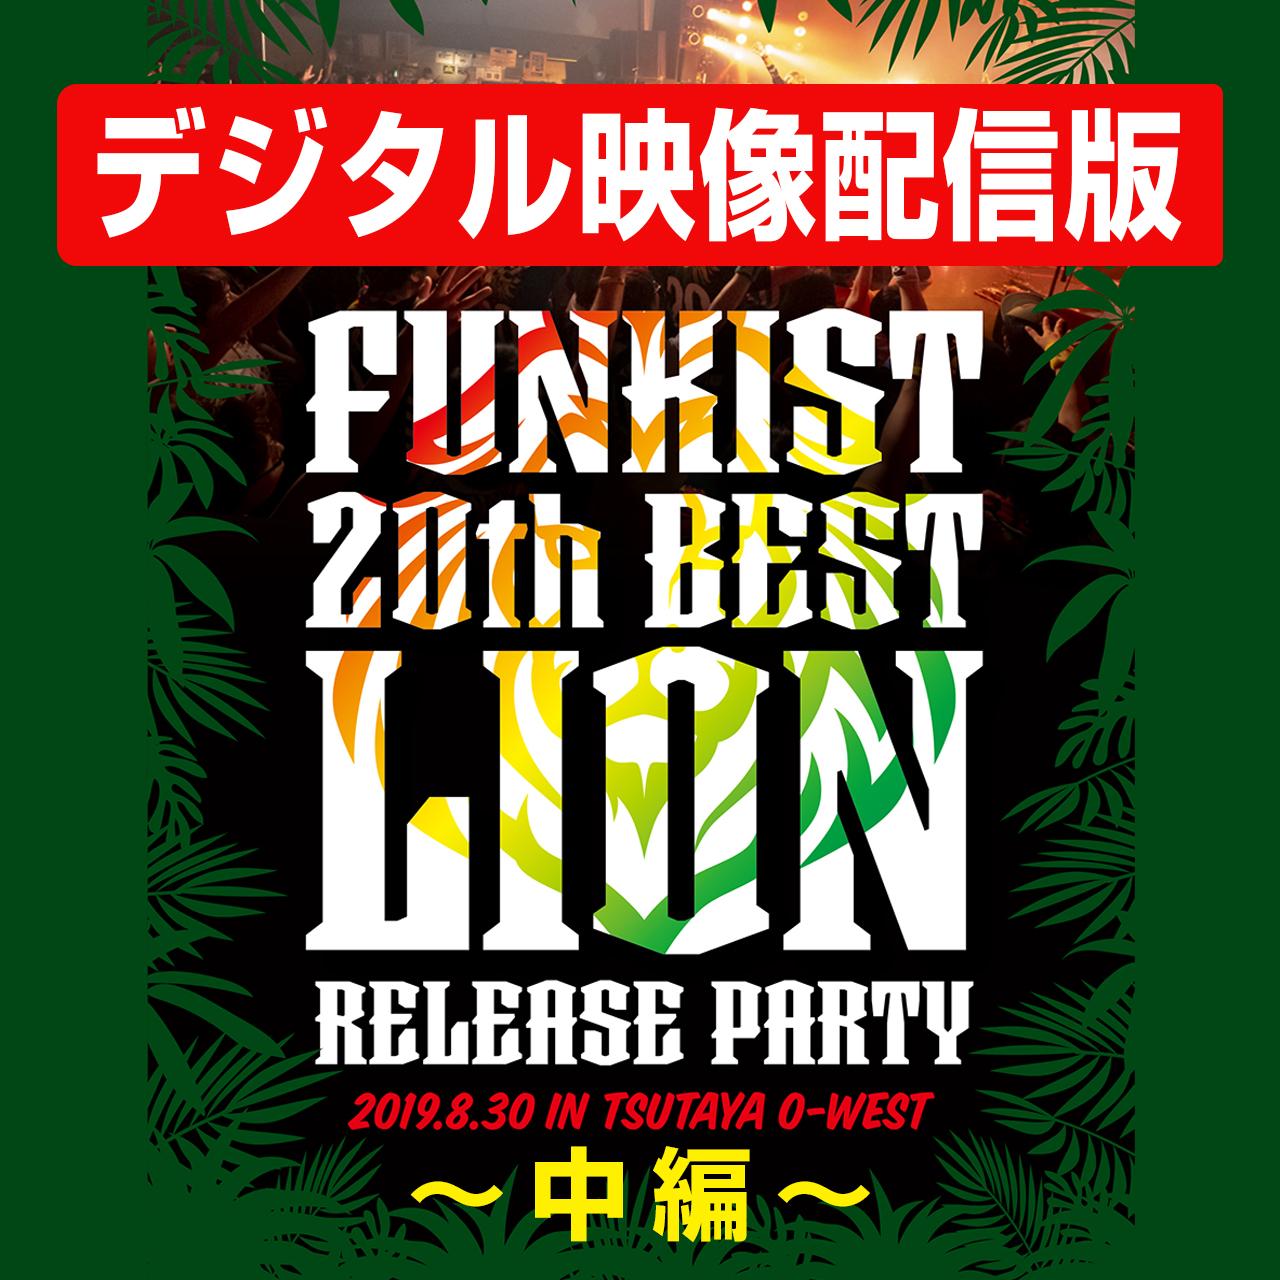 【デジタル配信】ライブ映像2/3(中編)FUNKIST 20th BEST -LION- リリースパーティ in SHIBUYA TSUTAYA O-WEST